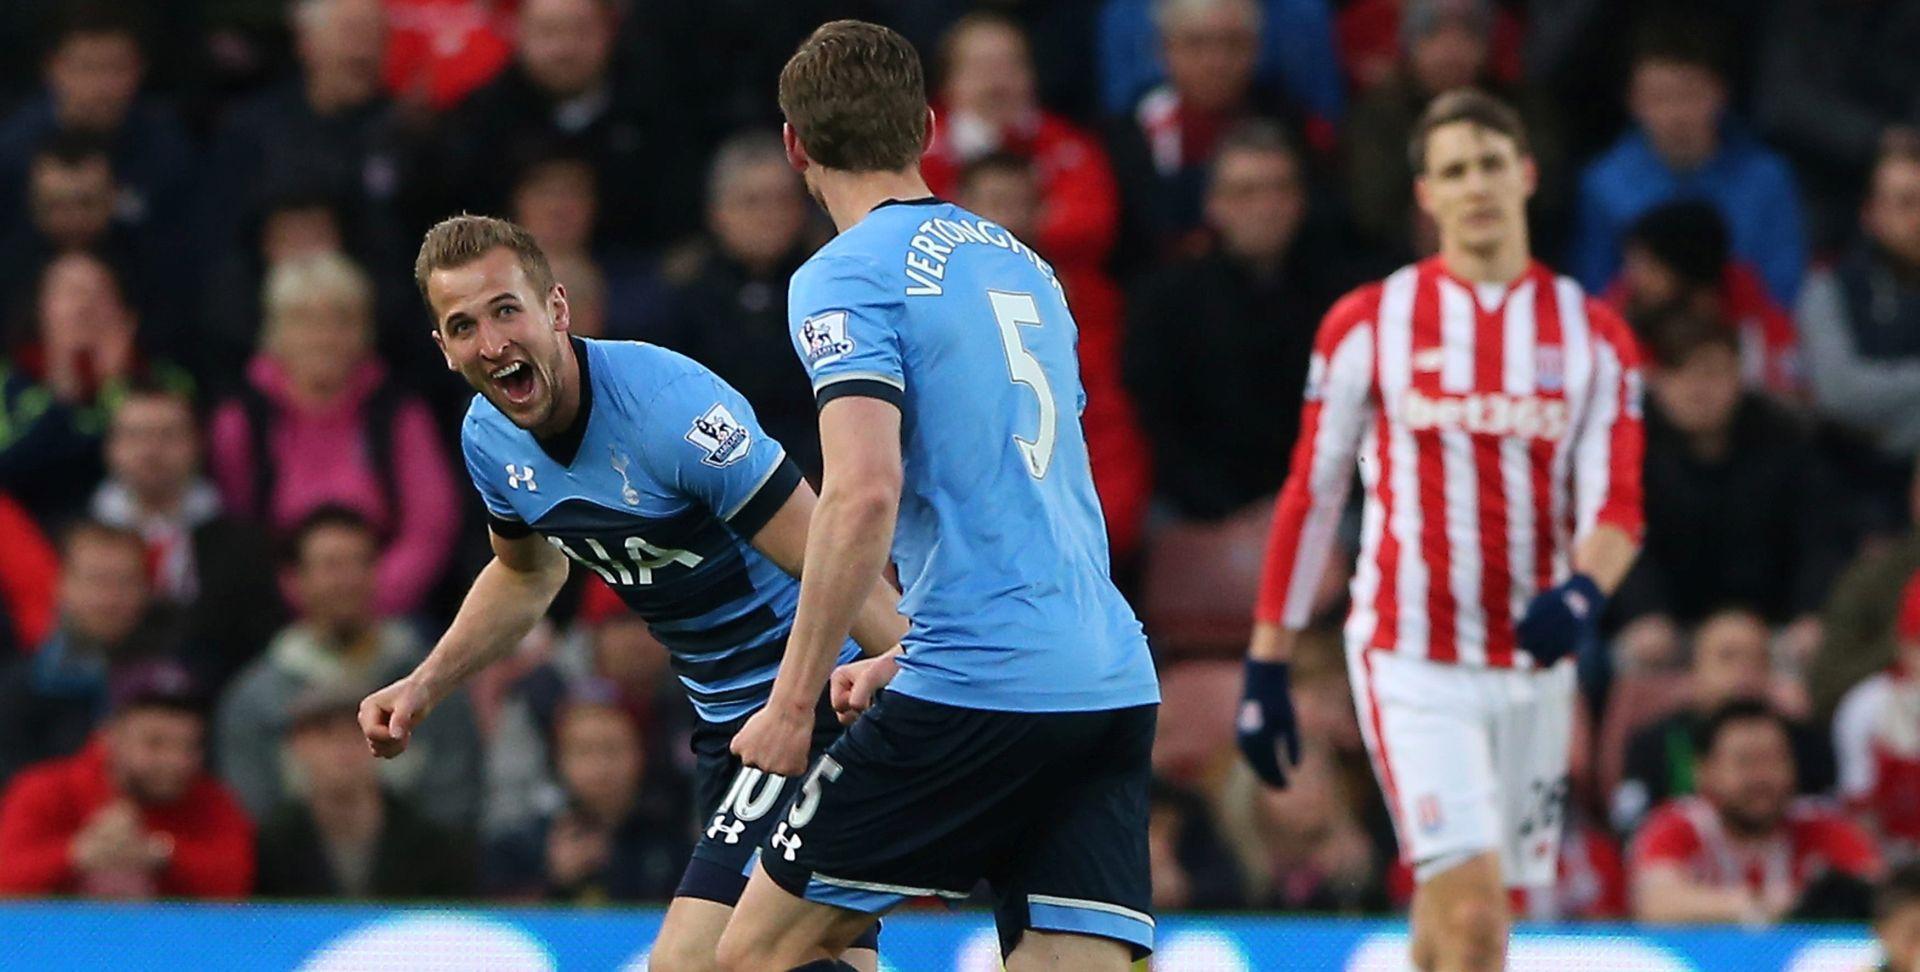 SPURSI SE VRATILI NA -5 Tottenham 'četvorkom' prošao Stoke, Kane i Alli dvostruki strijelci